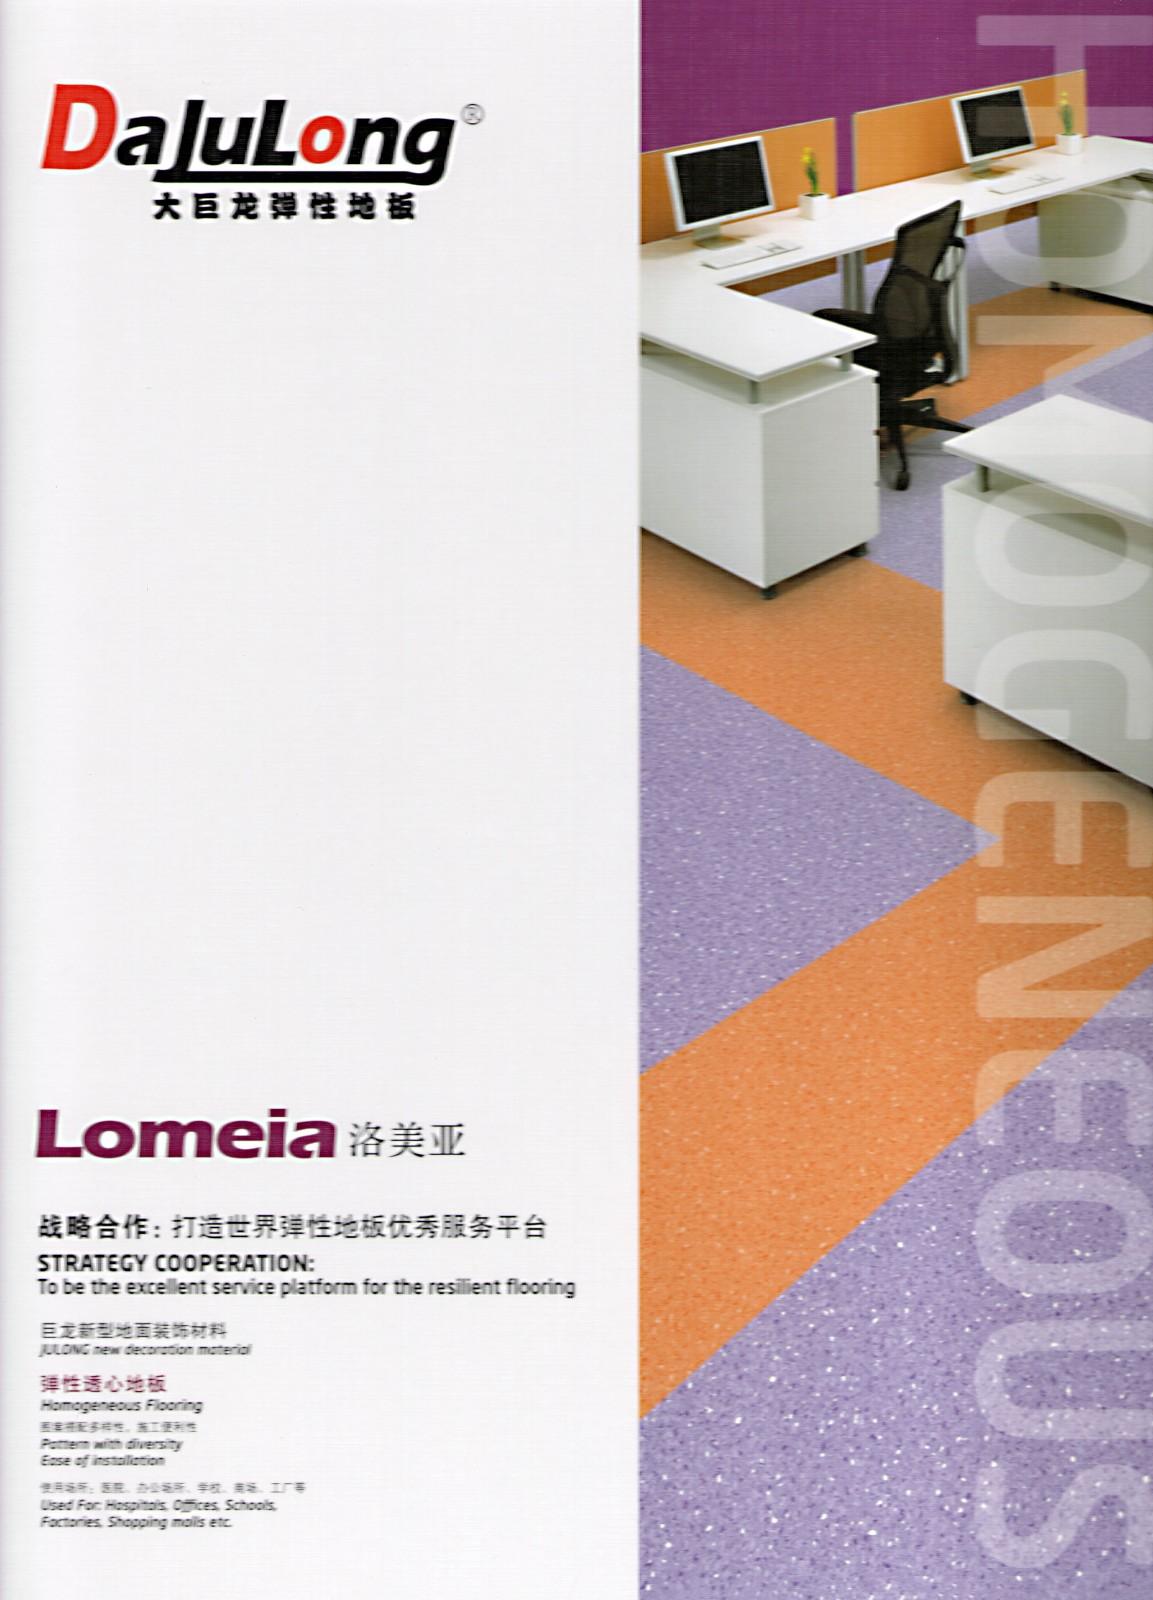 大巨龙洛美亚PVC地板 大巨龙系列-陕西棋牌挣钱建材有限责任公司